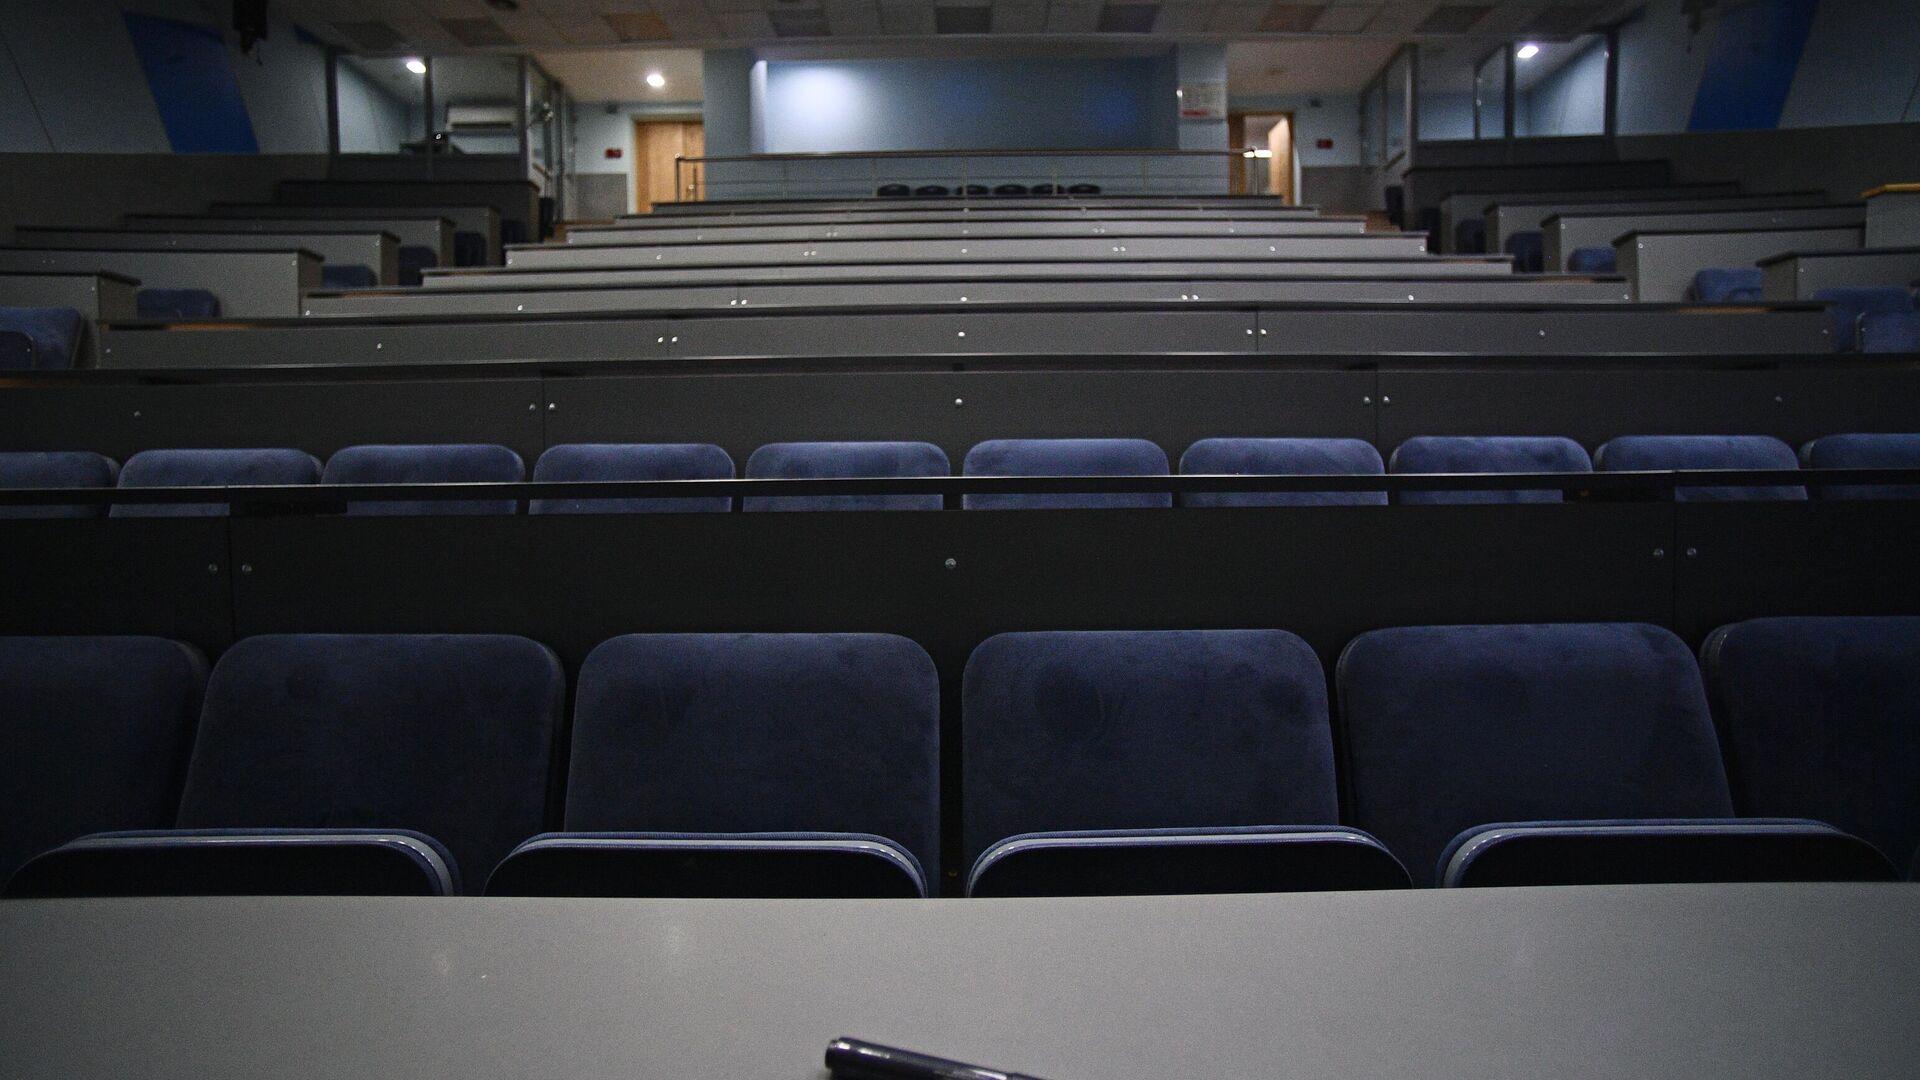 Пустая аудитория Национального исследовательского технологического университета МИСиС - РИА Новости, 1920, 30.11.2020